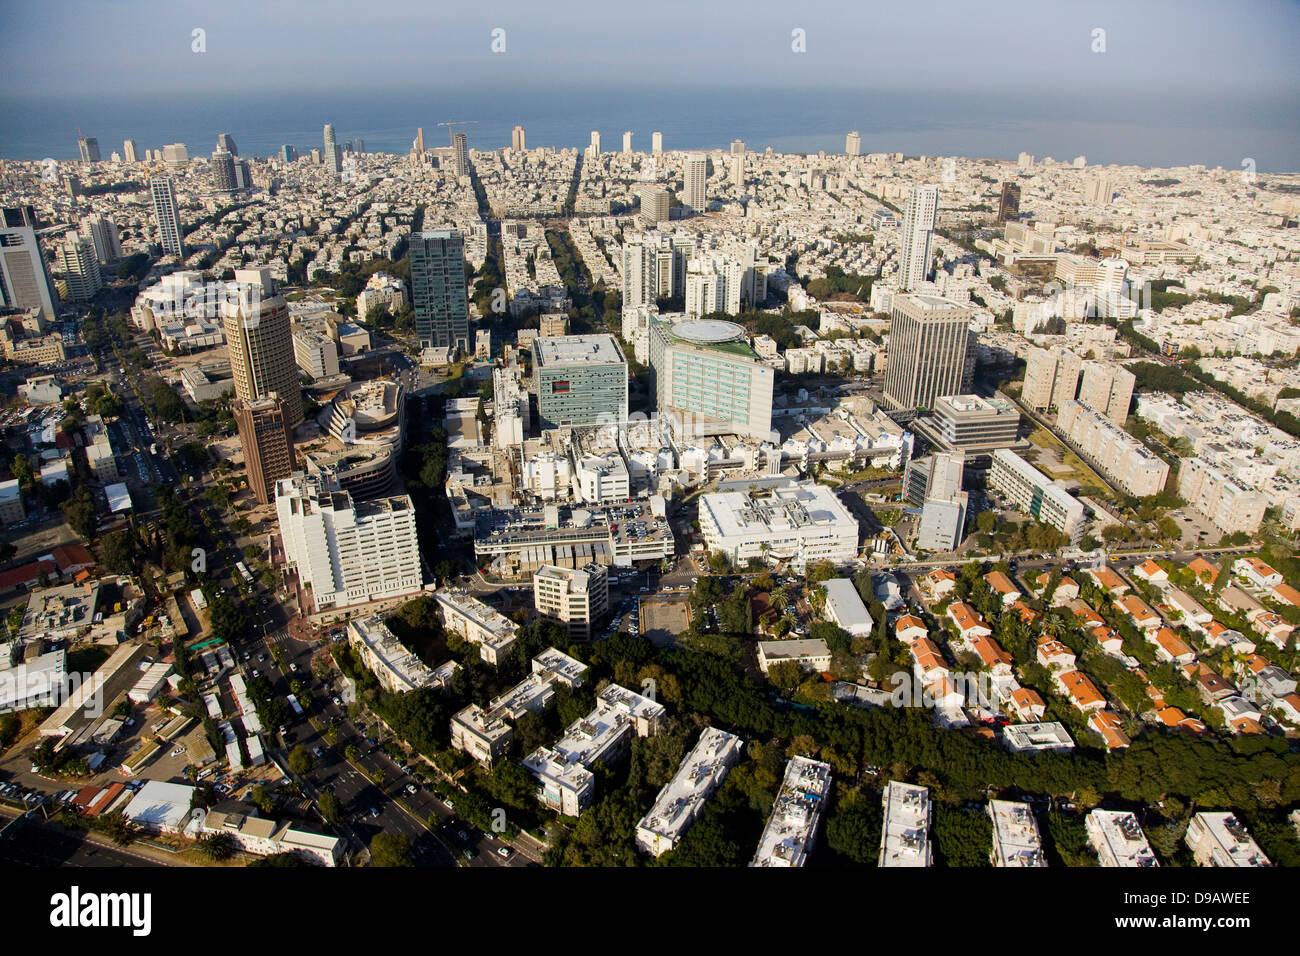 Eine Luftaufnahme von Tel Aviv citycenter Stockfoto